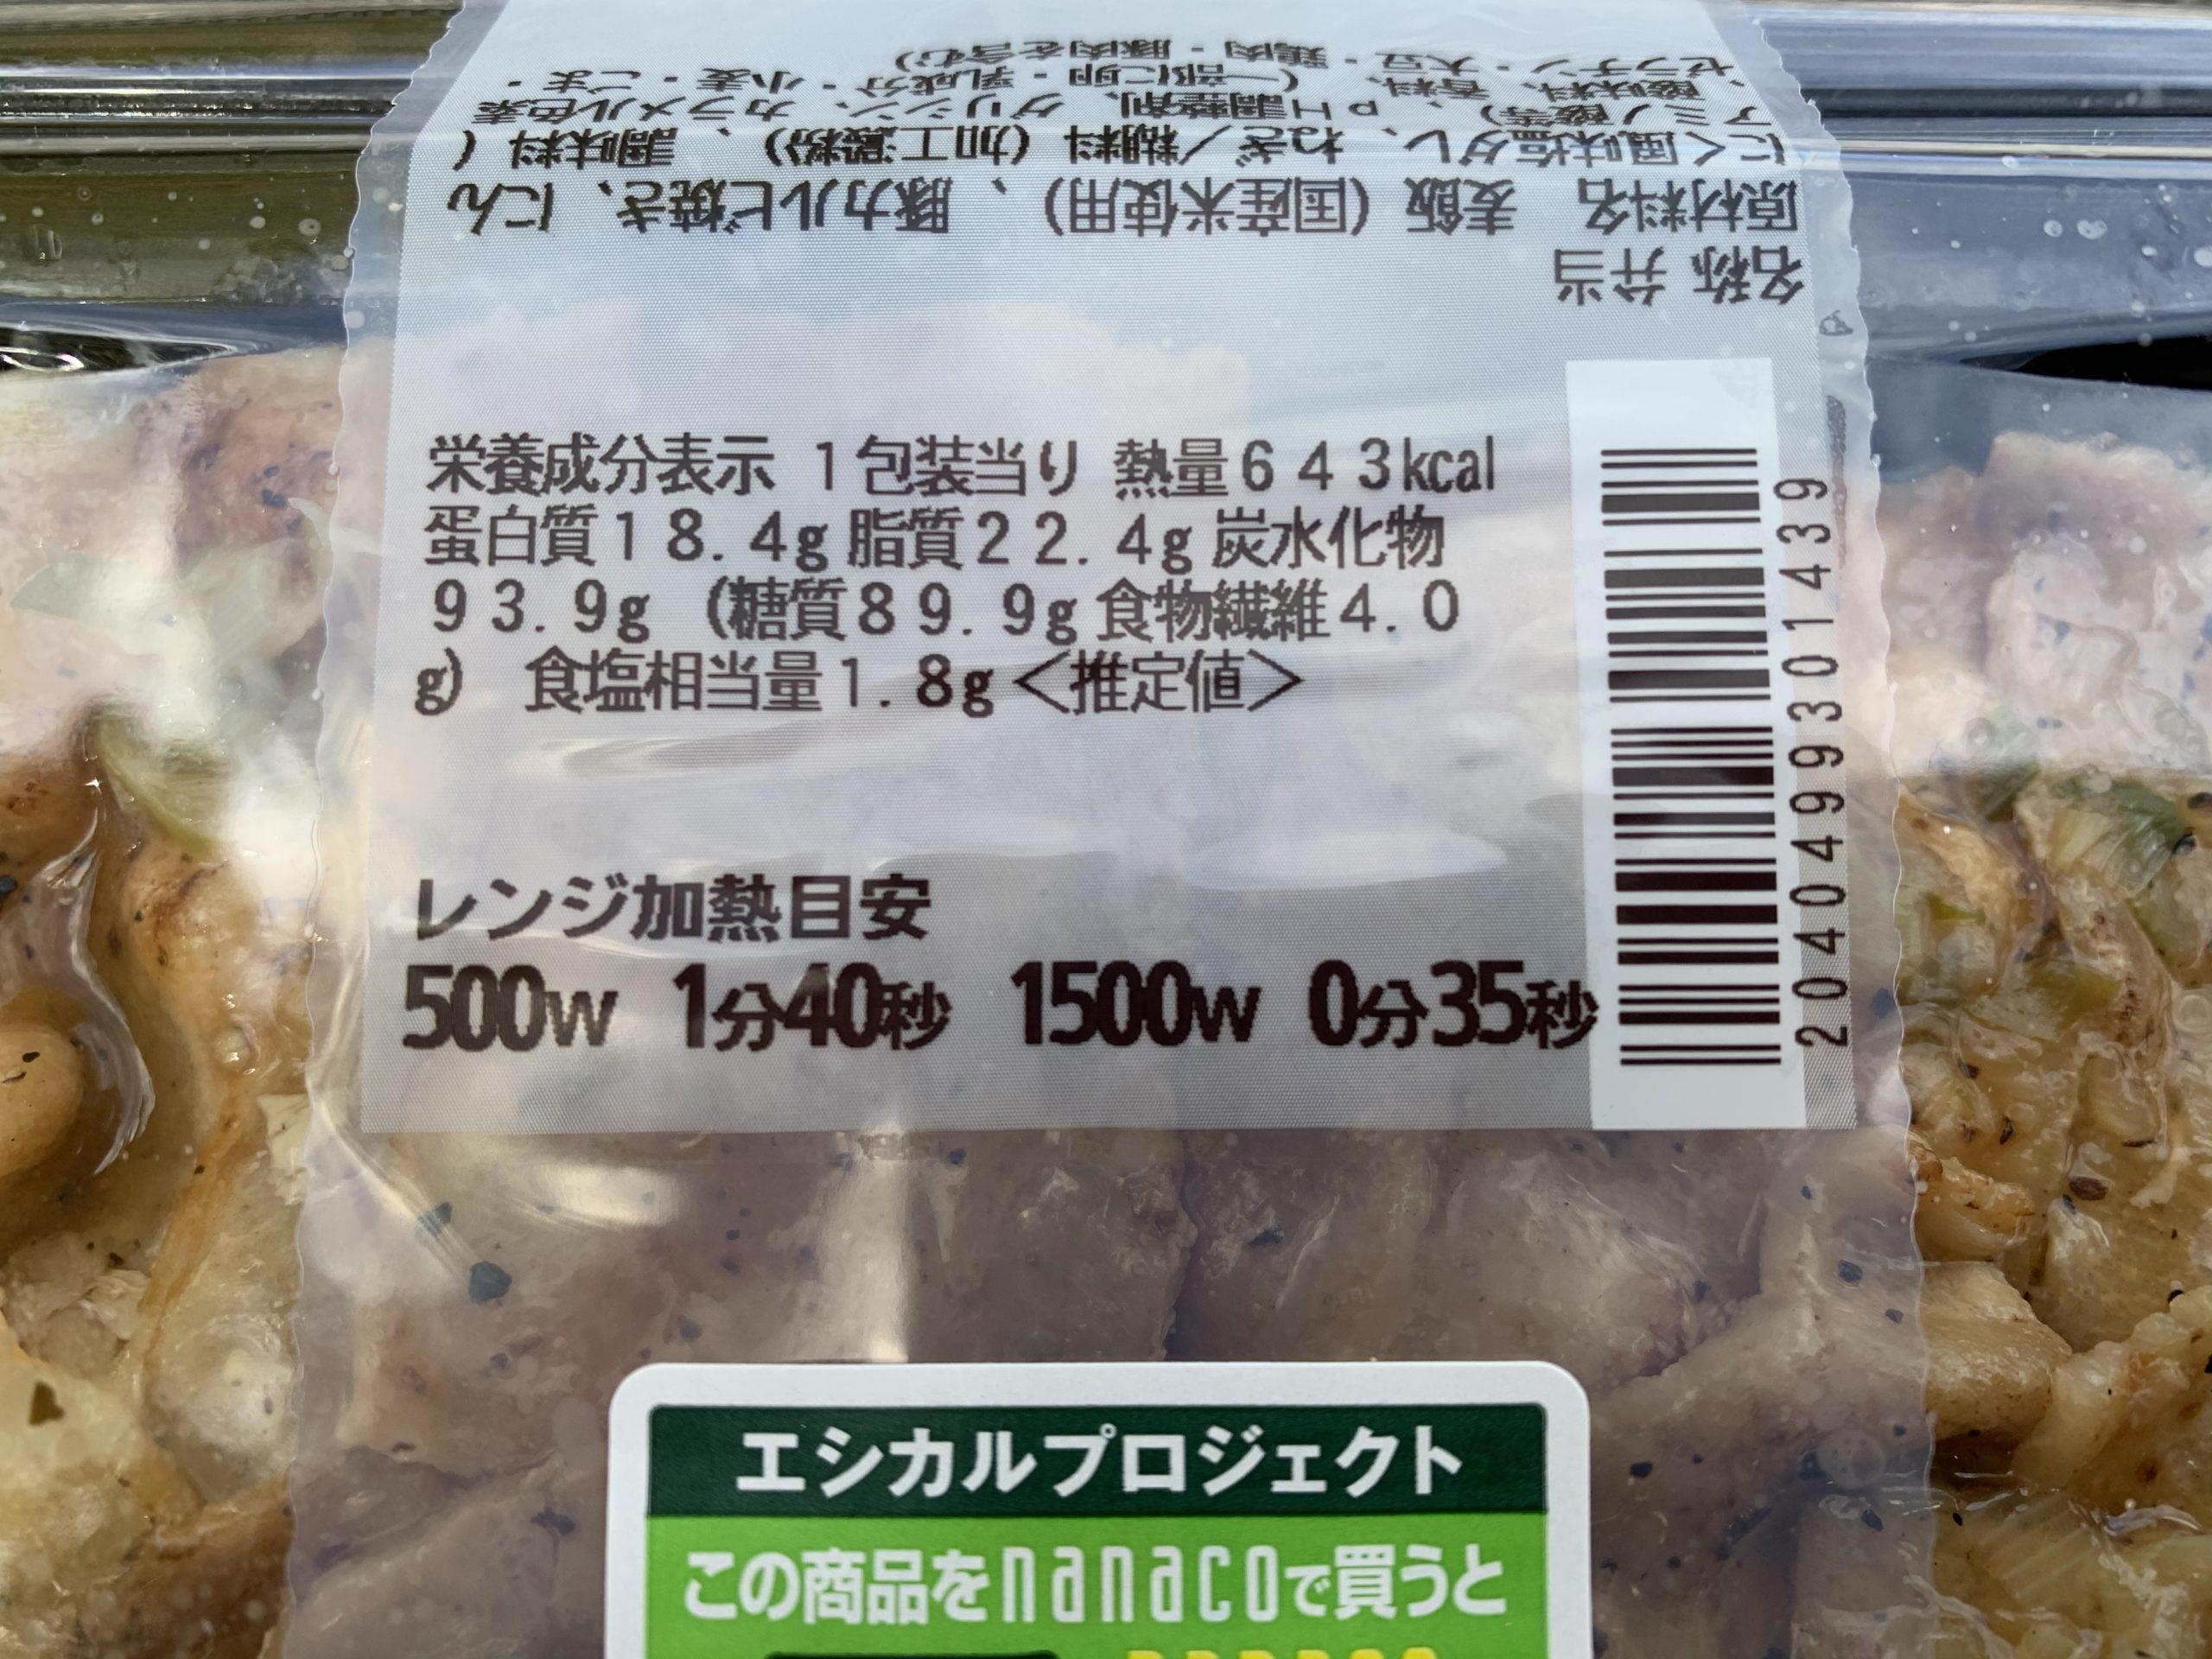 セブンイレブンのねぎ塩豚カルビ弁当の栄養成分